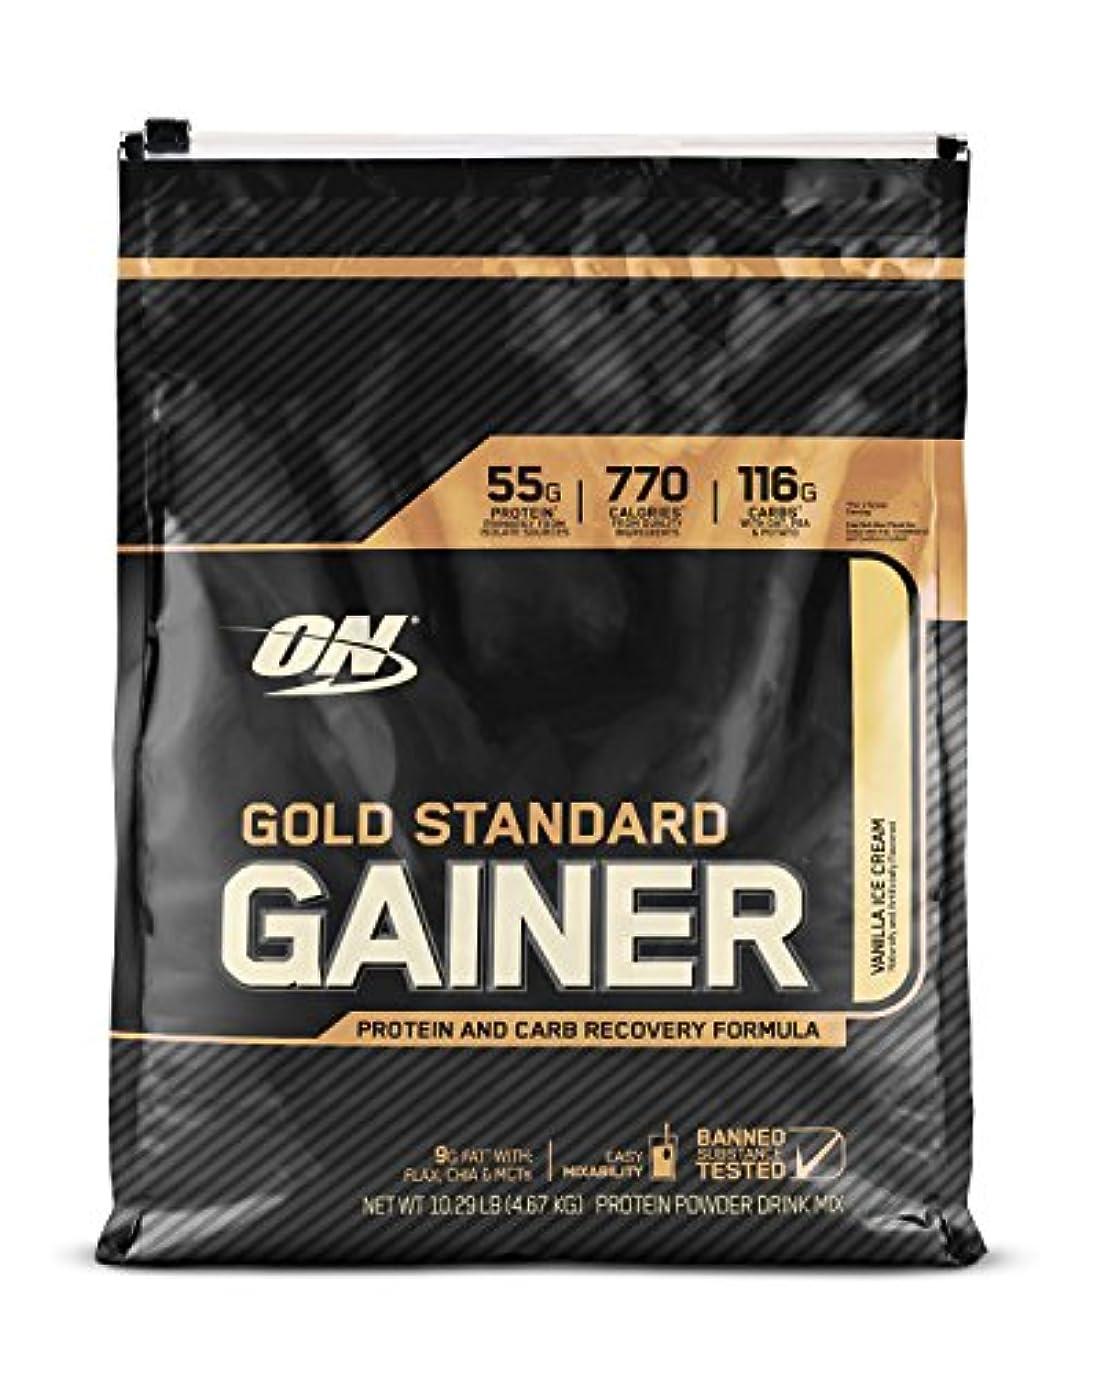 財政開発する学んだゴールドスタンダード ゲイナー 10LB バニラアイスクリーム (Gold Standard Gainer 10LB Vanilla Ice Cream) [海外直送品]